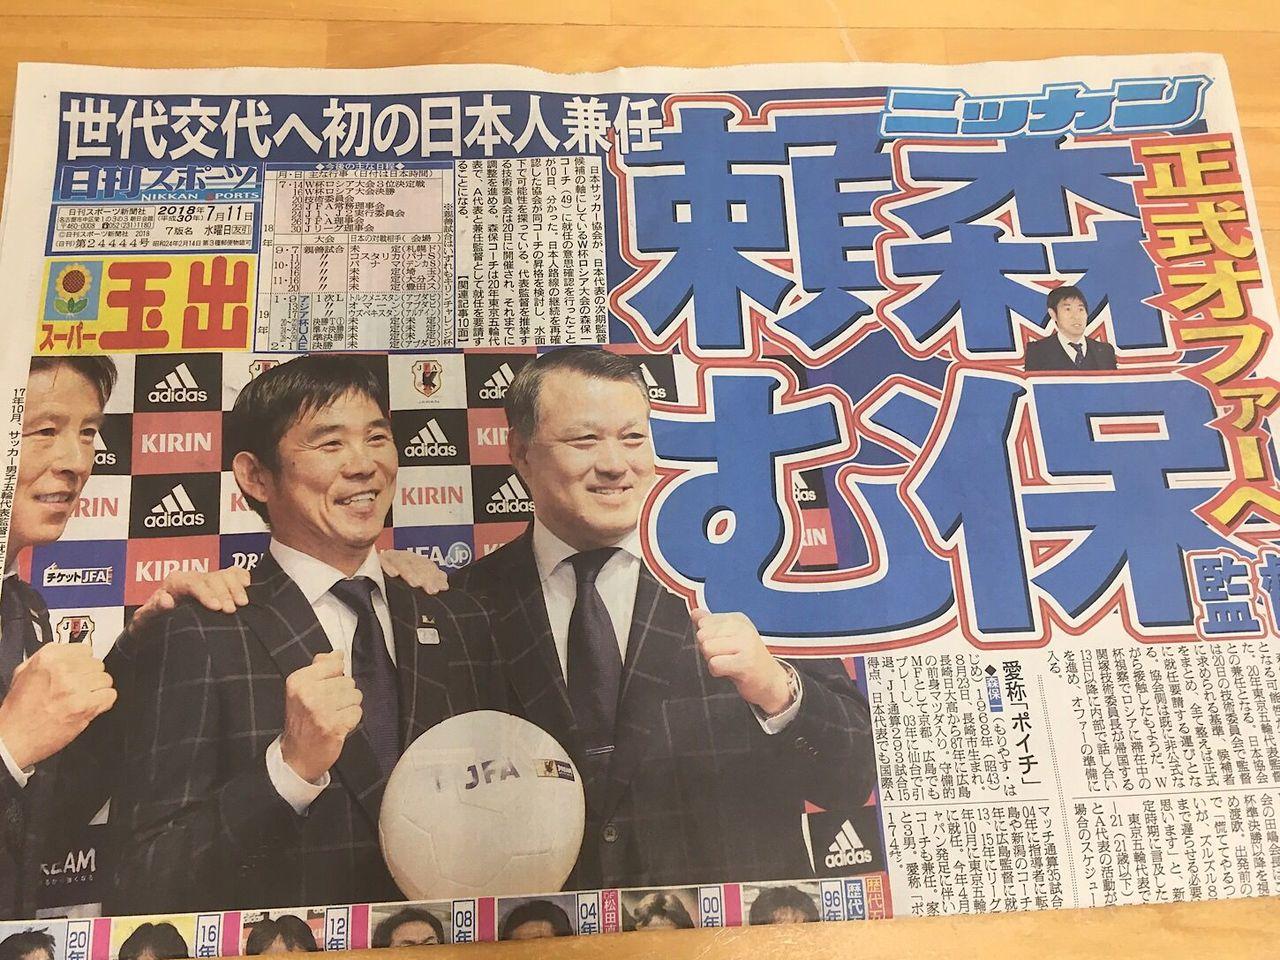 サッカー日本代表の新監督、森保一に決定へwwwwwwwwwwww